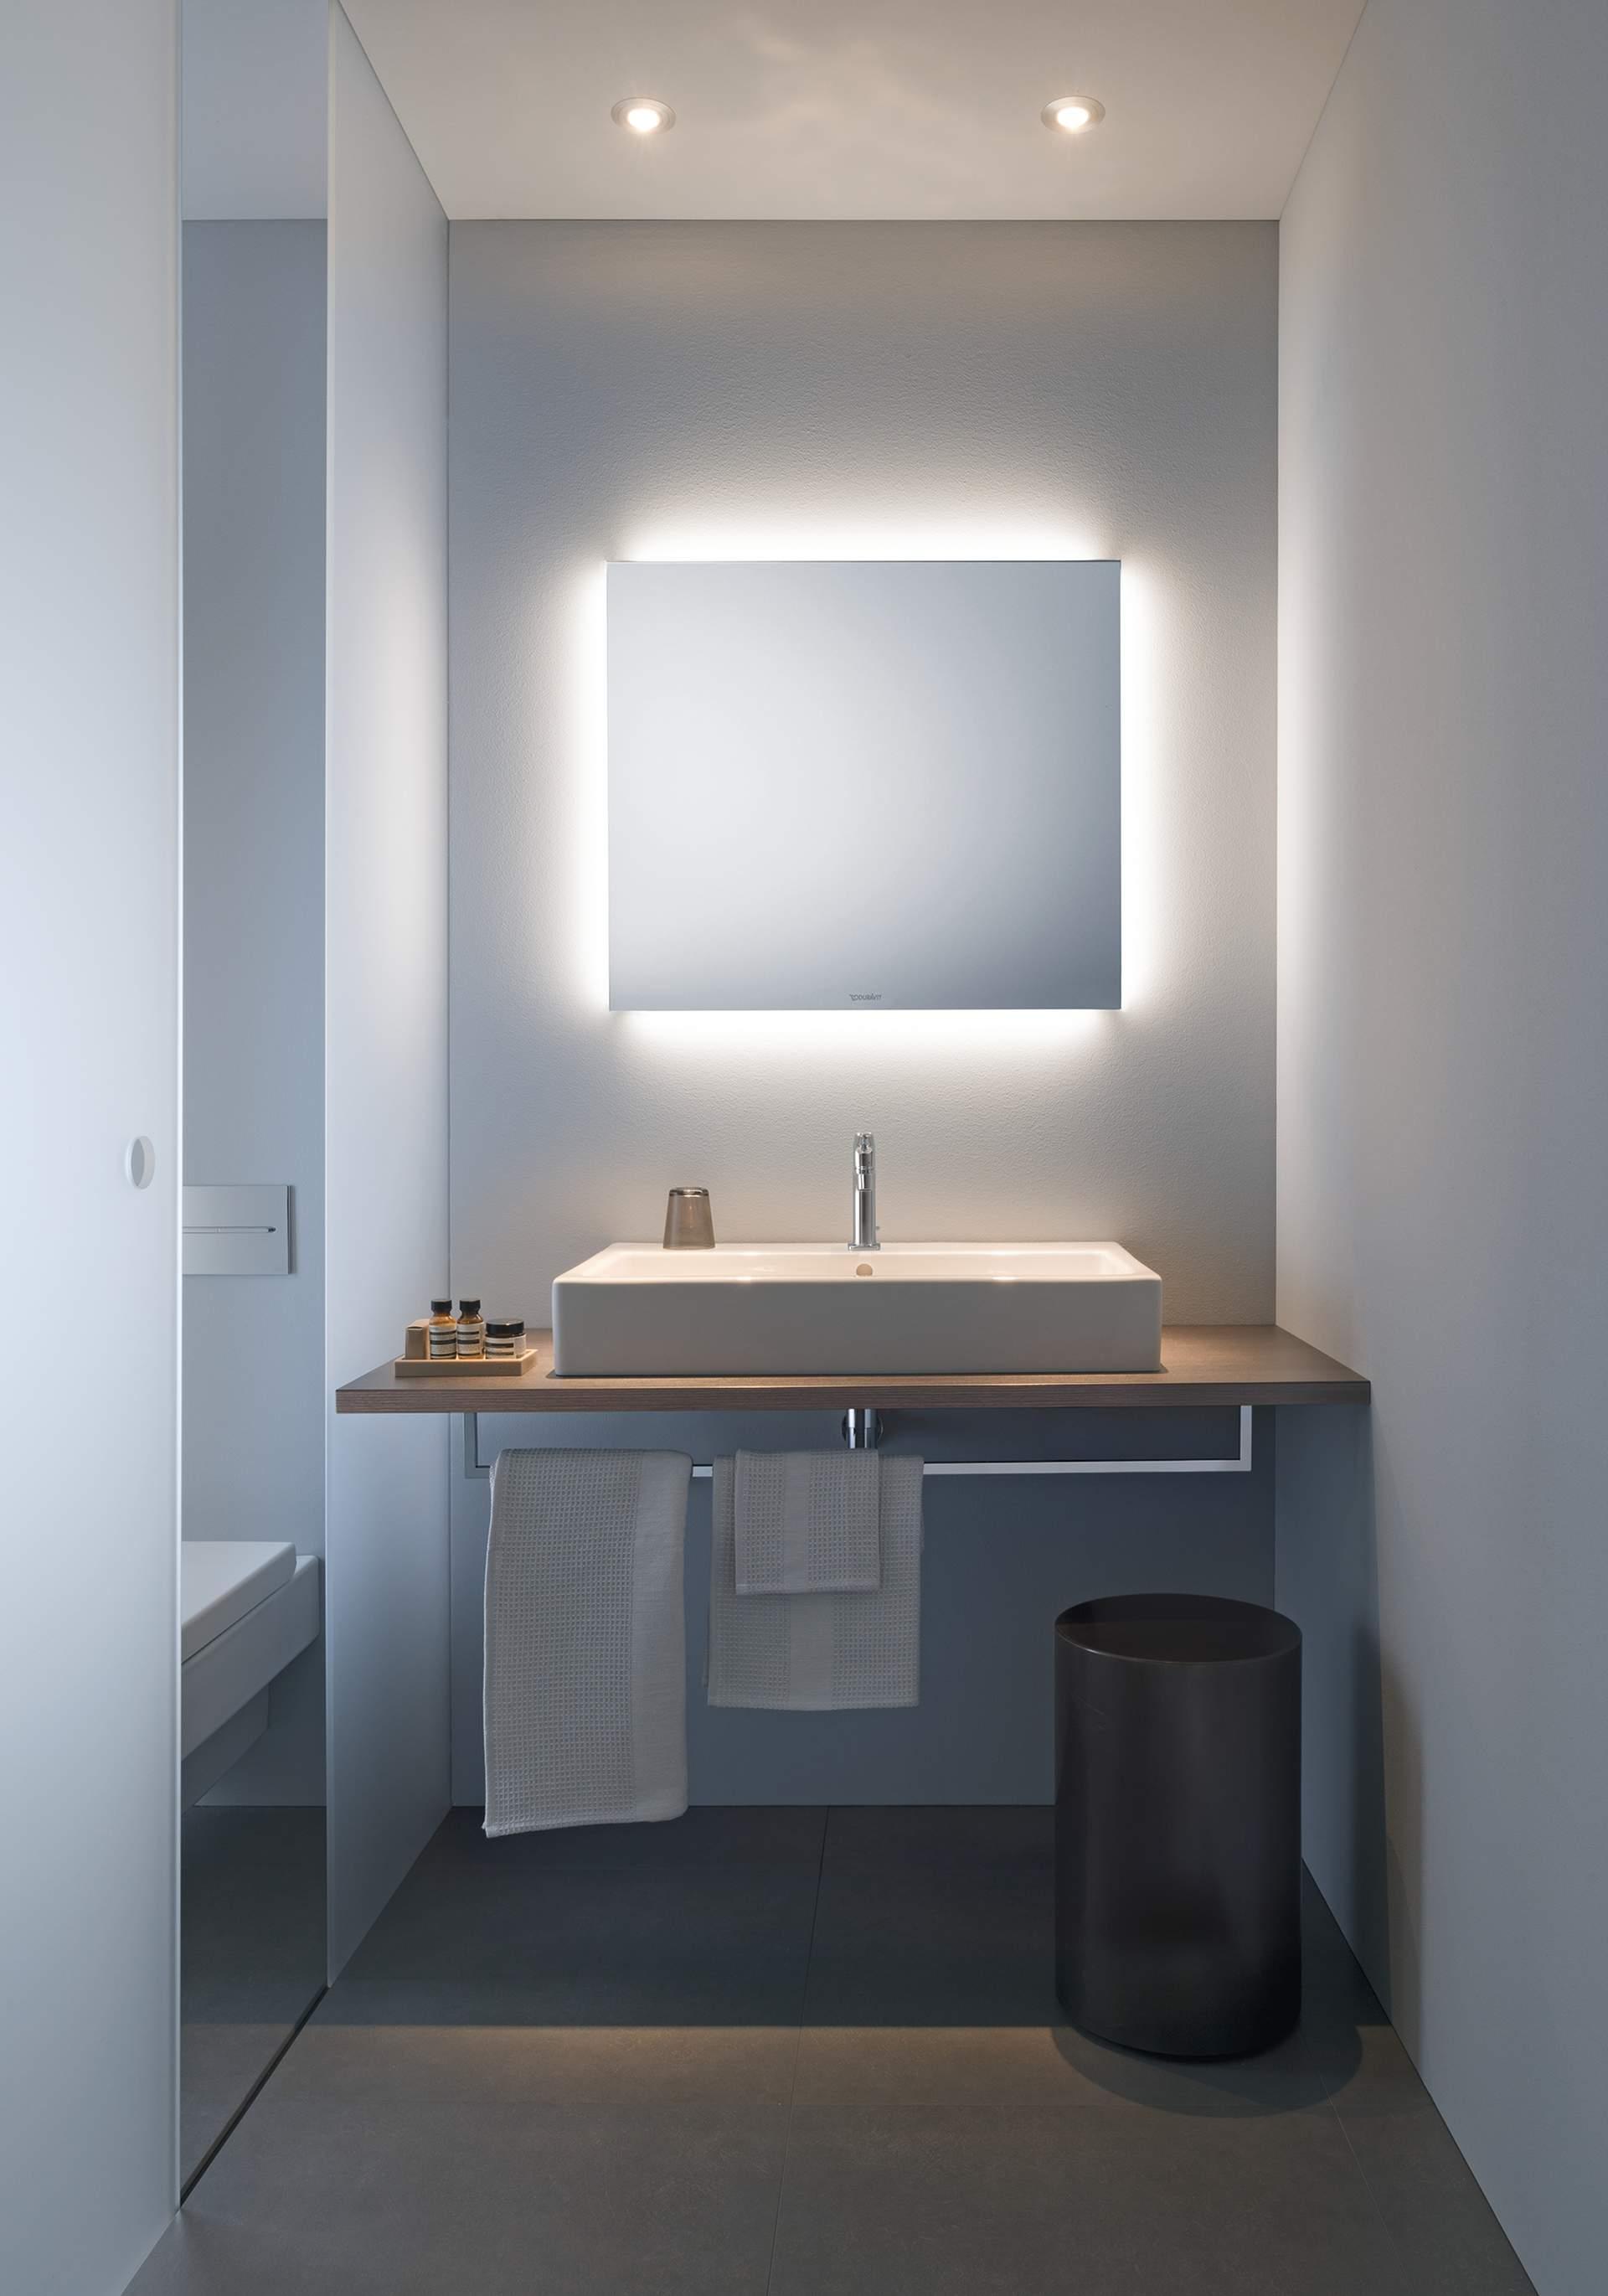 Choosing a suitable bathroom mirror